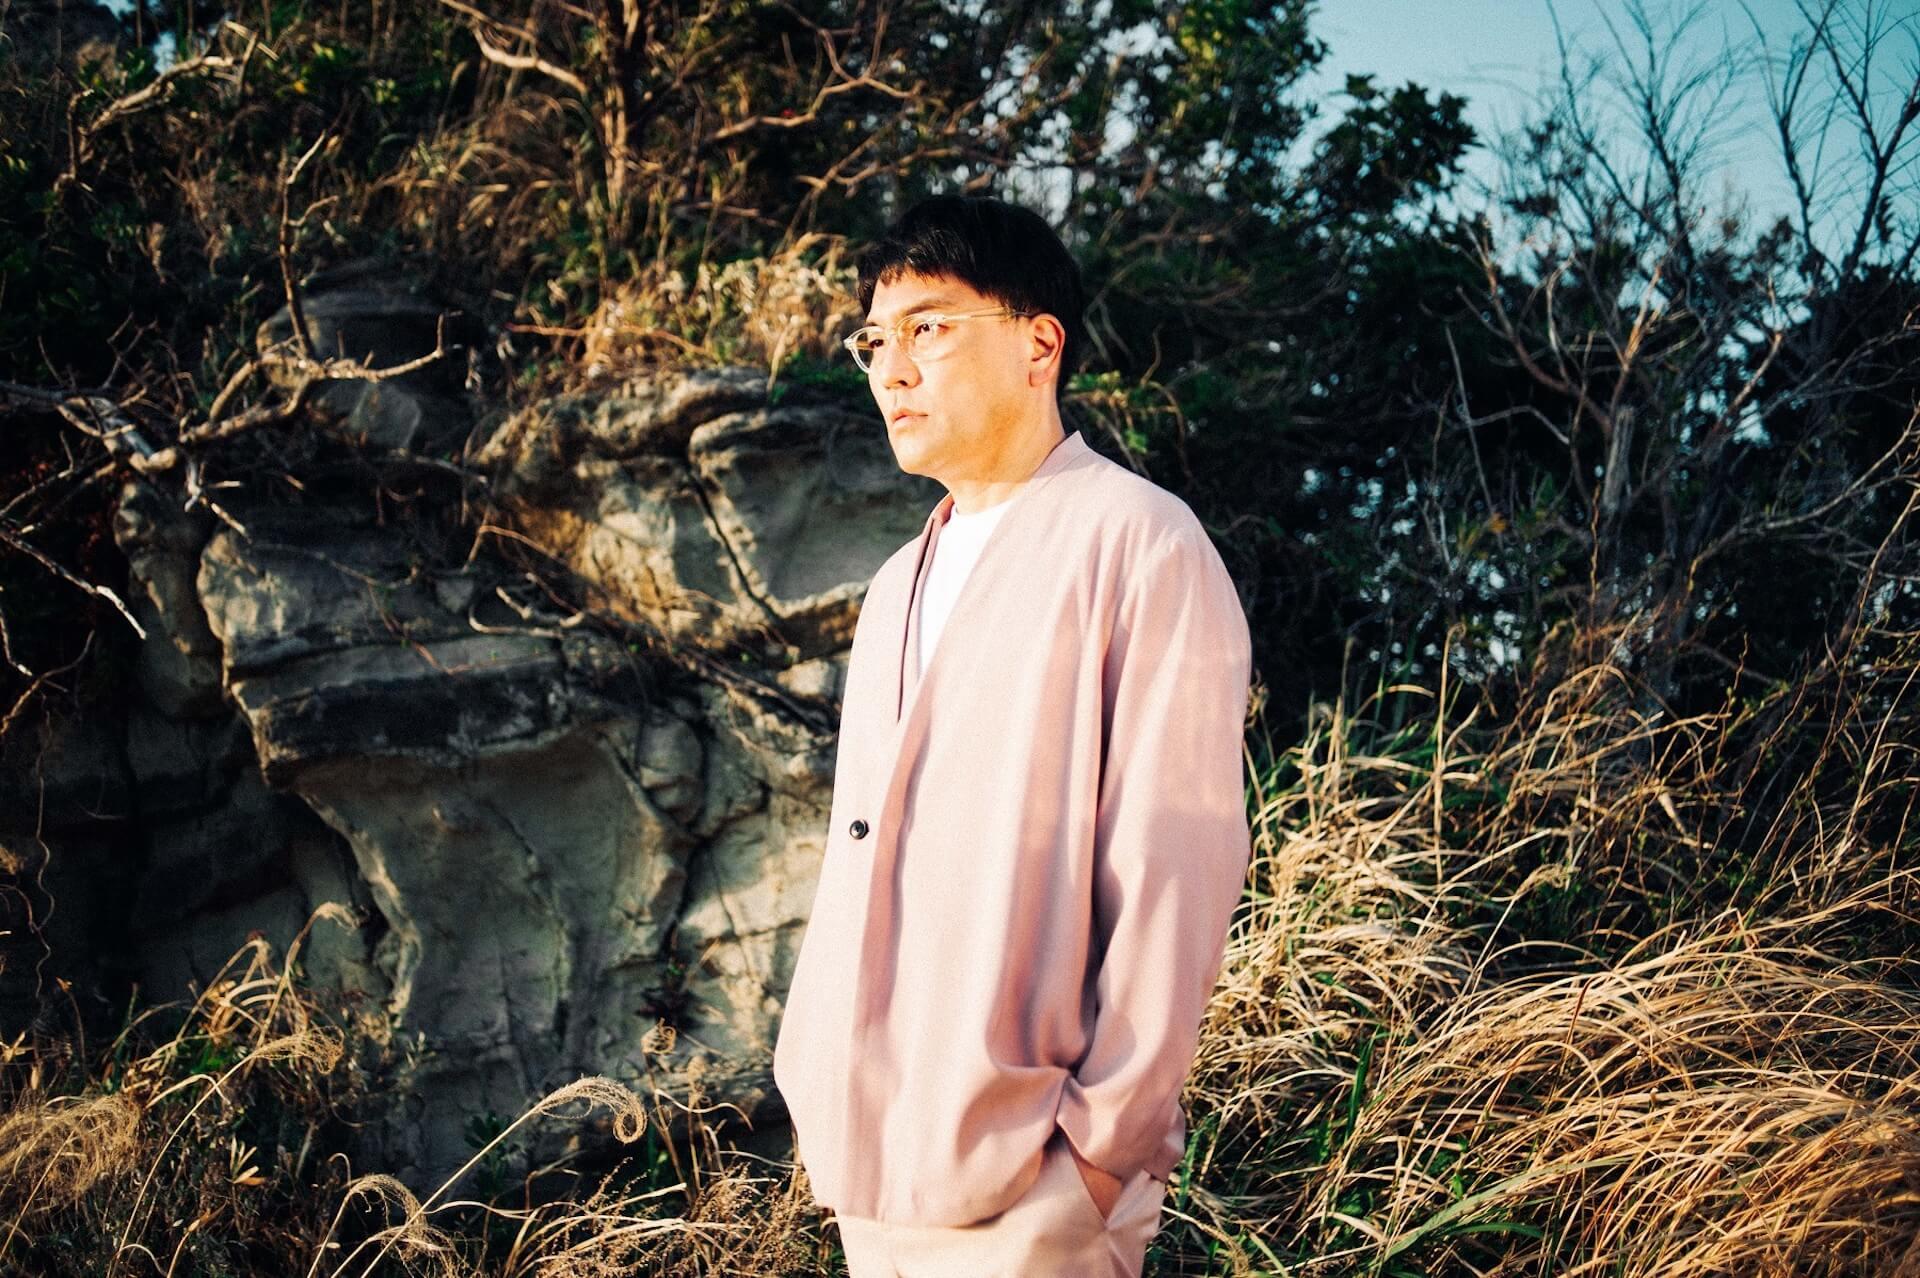 ソロプロジェクトを始動したKIRINJIがニューアルバム『crepuscular』リリースを発表!Awichも参加 music211011_kirinji_main